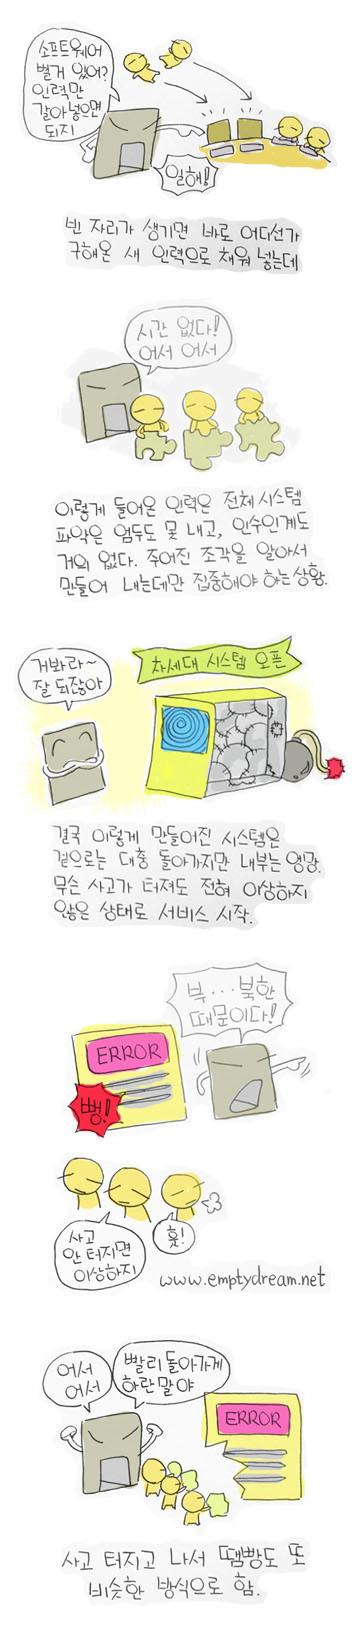 20130703_33_copy